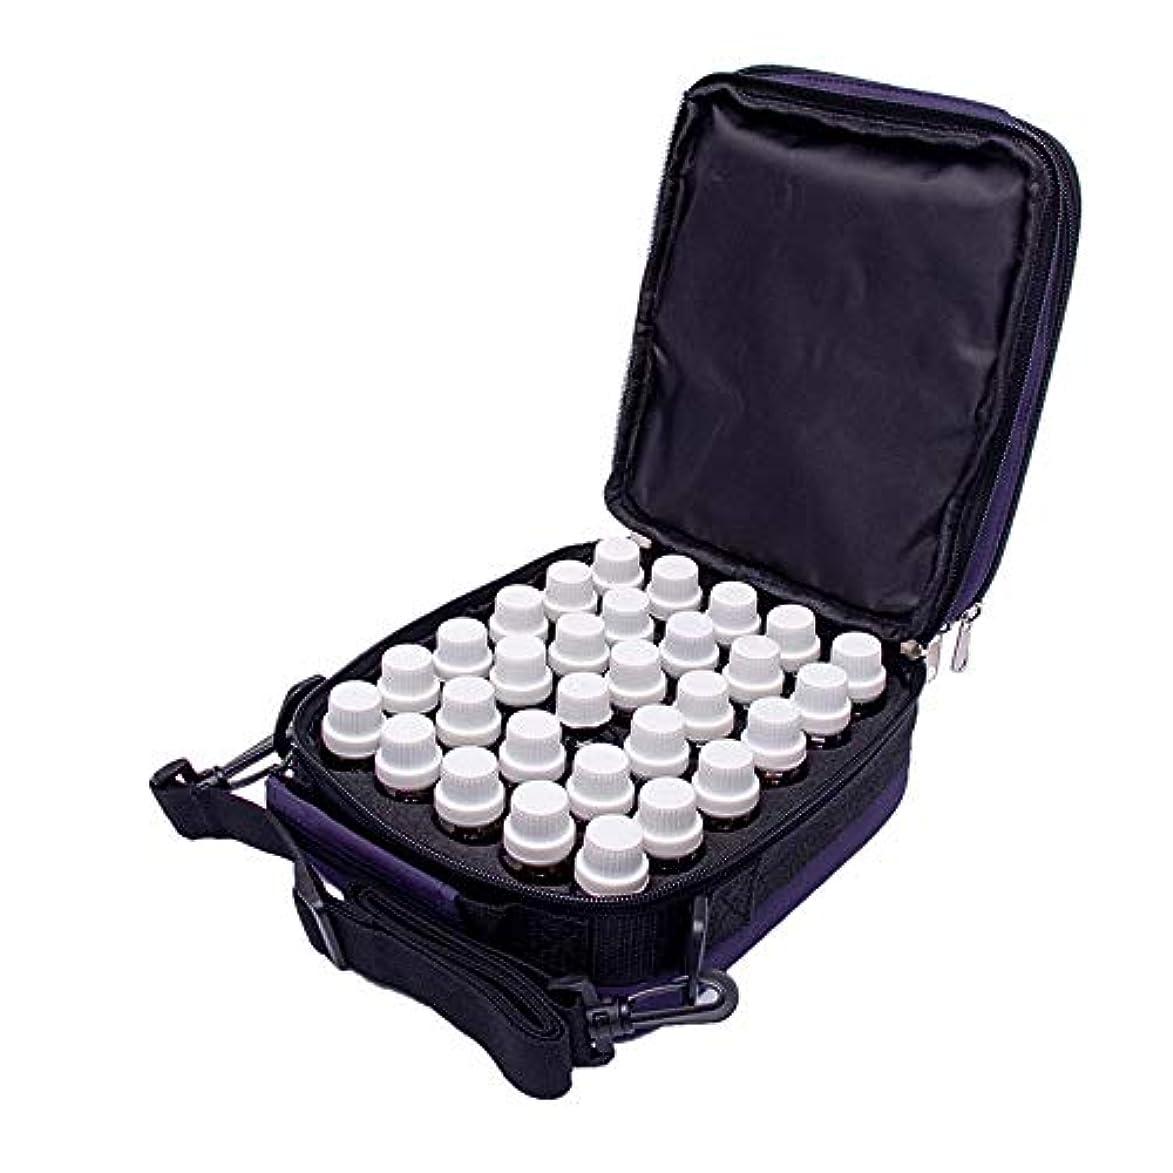 機会身元抱擁アロマセラピー収納ボックス オイル拡散ハンドバッグスーツケース5-10 MLのバイアル瓶ハード外部記憶袋42本のボトル エッセンシャルオイル収納ボックス (色 : 紫の, サイズ : 18X13X21CM)